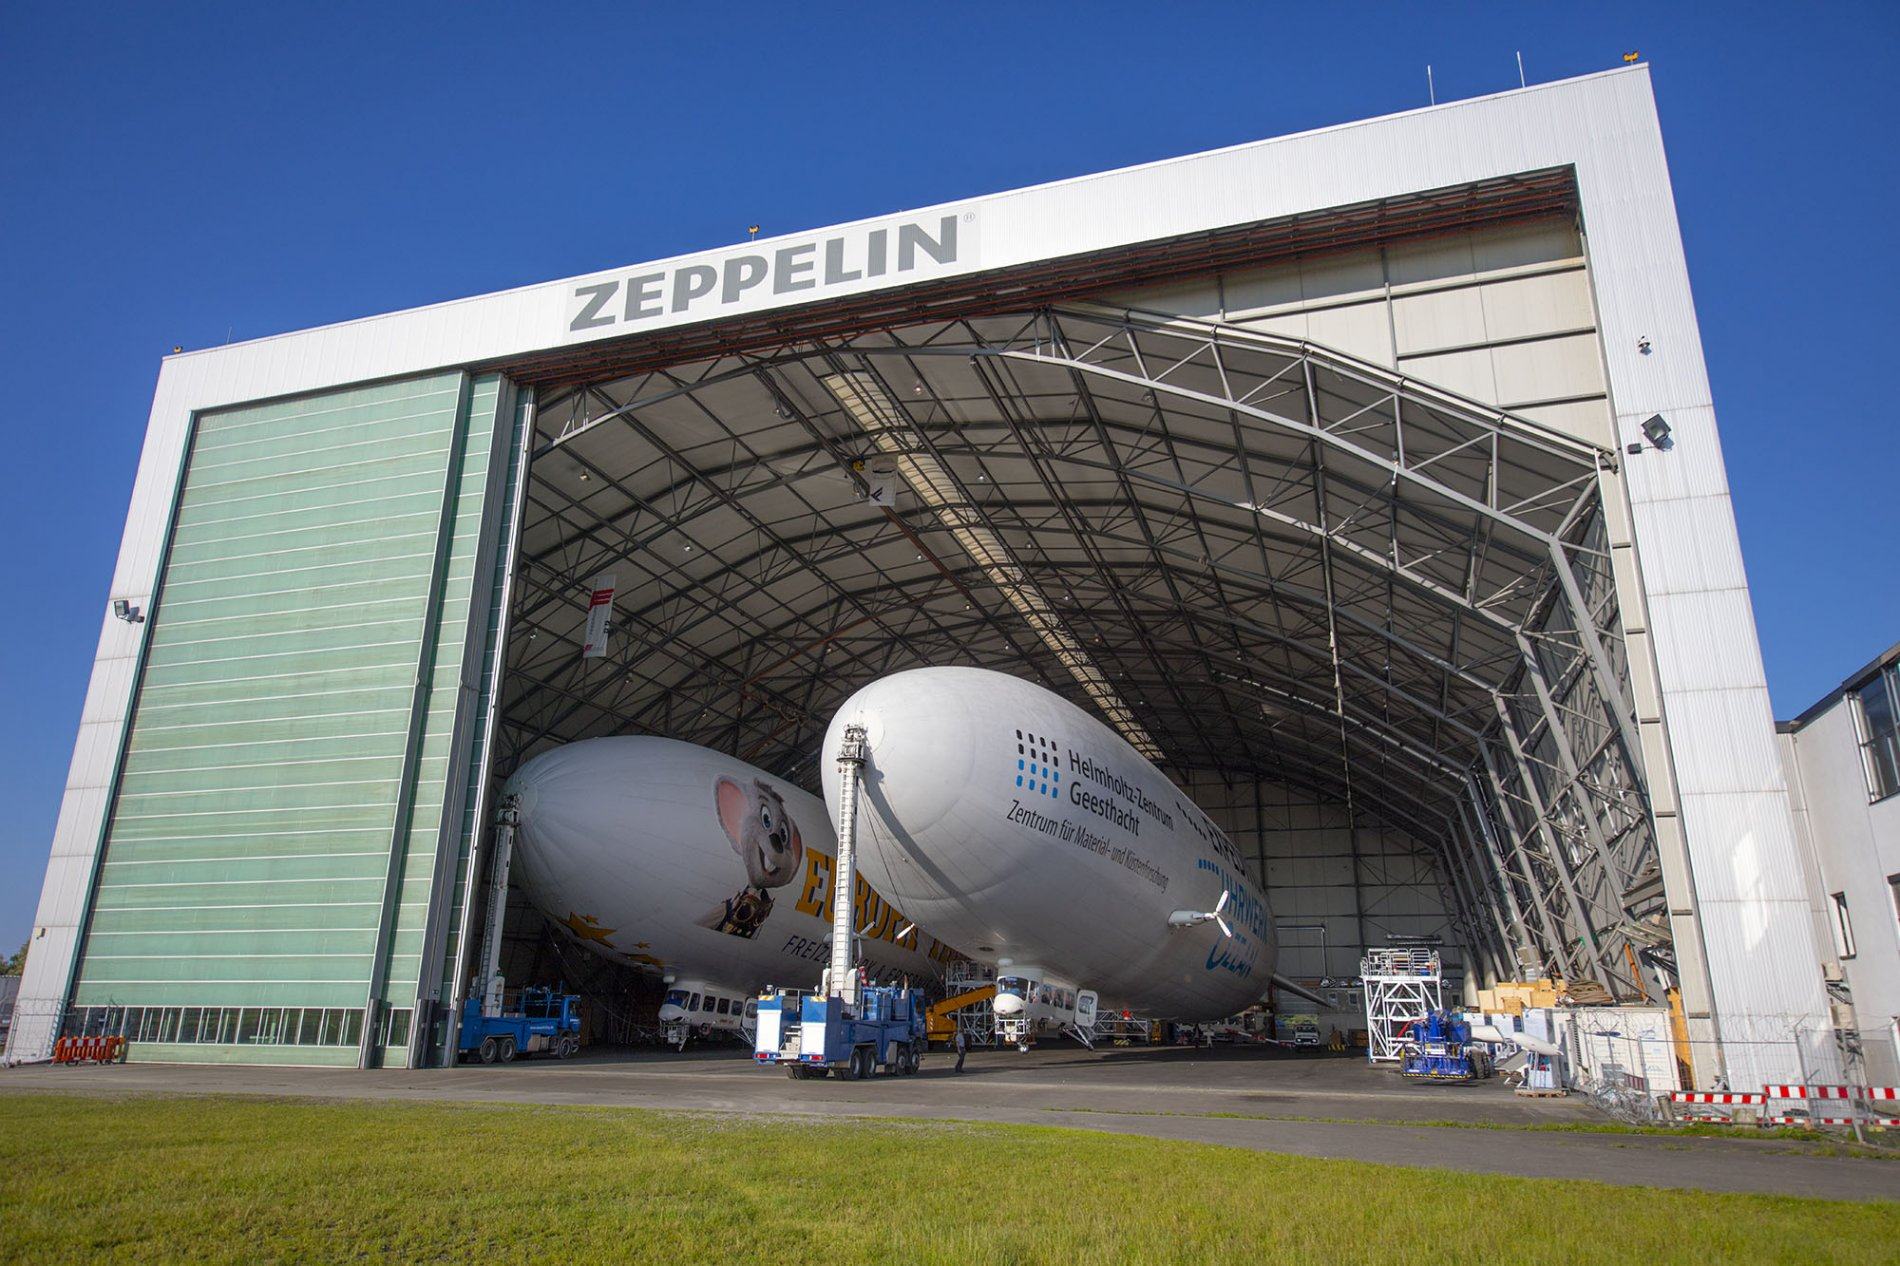 Geöffnetes Tor des Zeppelin Hangar mit Zeppelinen